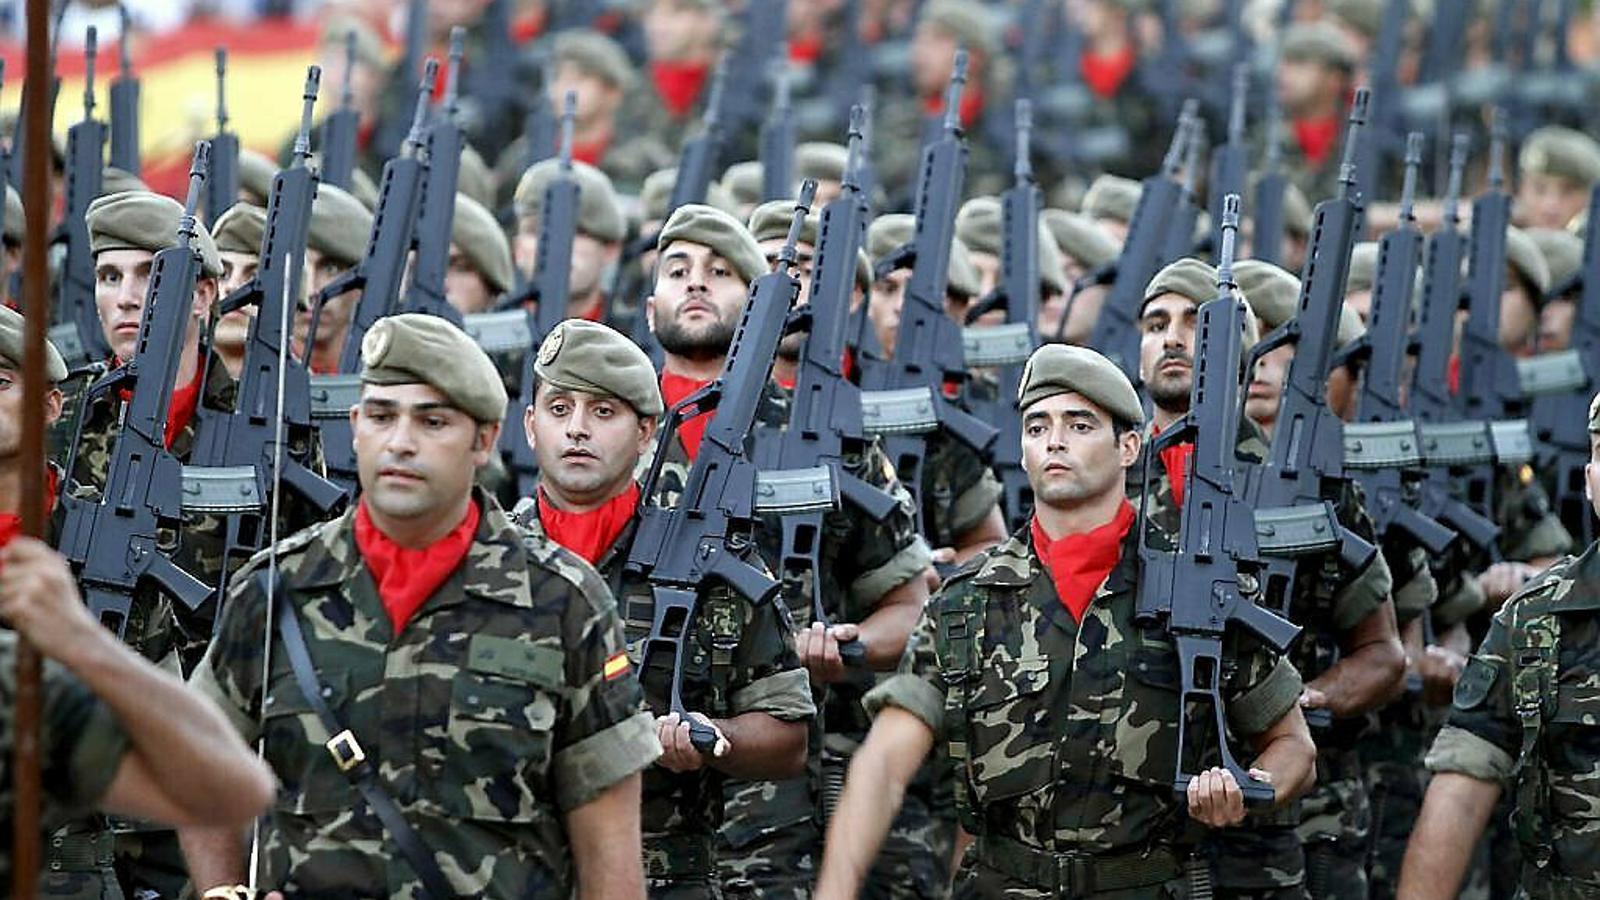 Els ecosobiranistes han criticat que el govern espanyol no pugui pagar les autonomies en funcions, però sí fer despesa militar